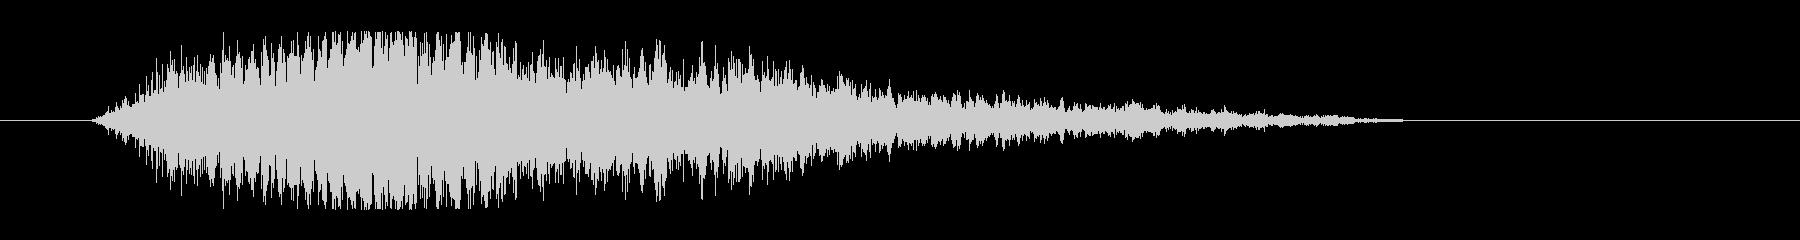 レーザー音-49-3の未再生の波形